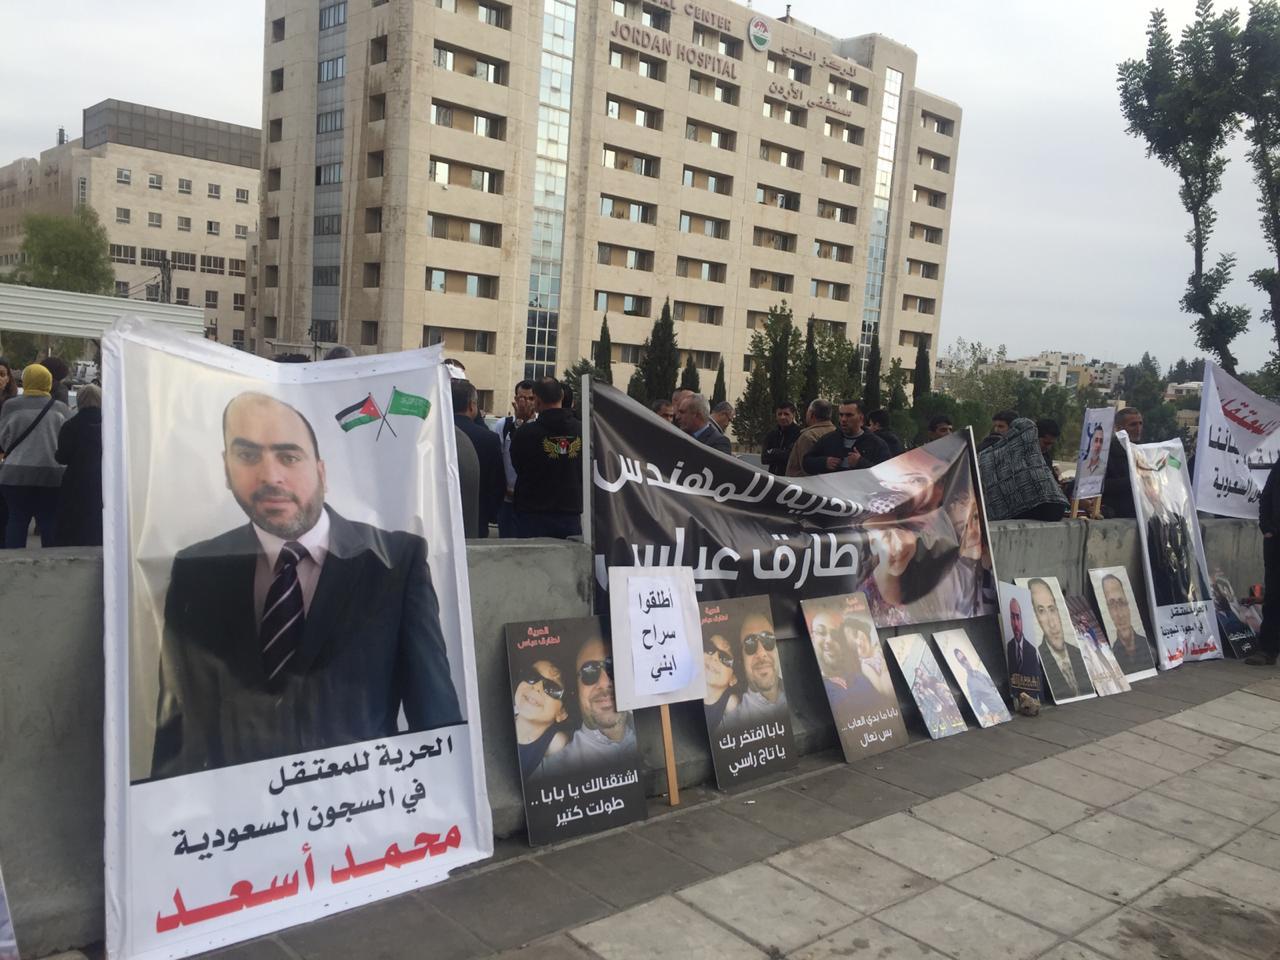 كاتب فلسطيني مخاطباً ابن سلمان: لن تفيدك المعلومات التي تحاول انتزاعها من المعتقلين الفلسطينيين